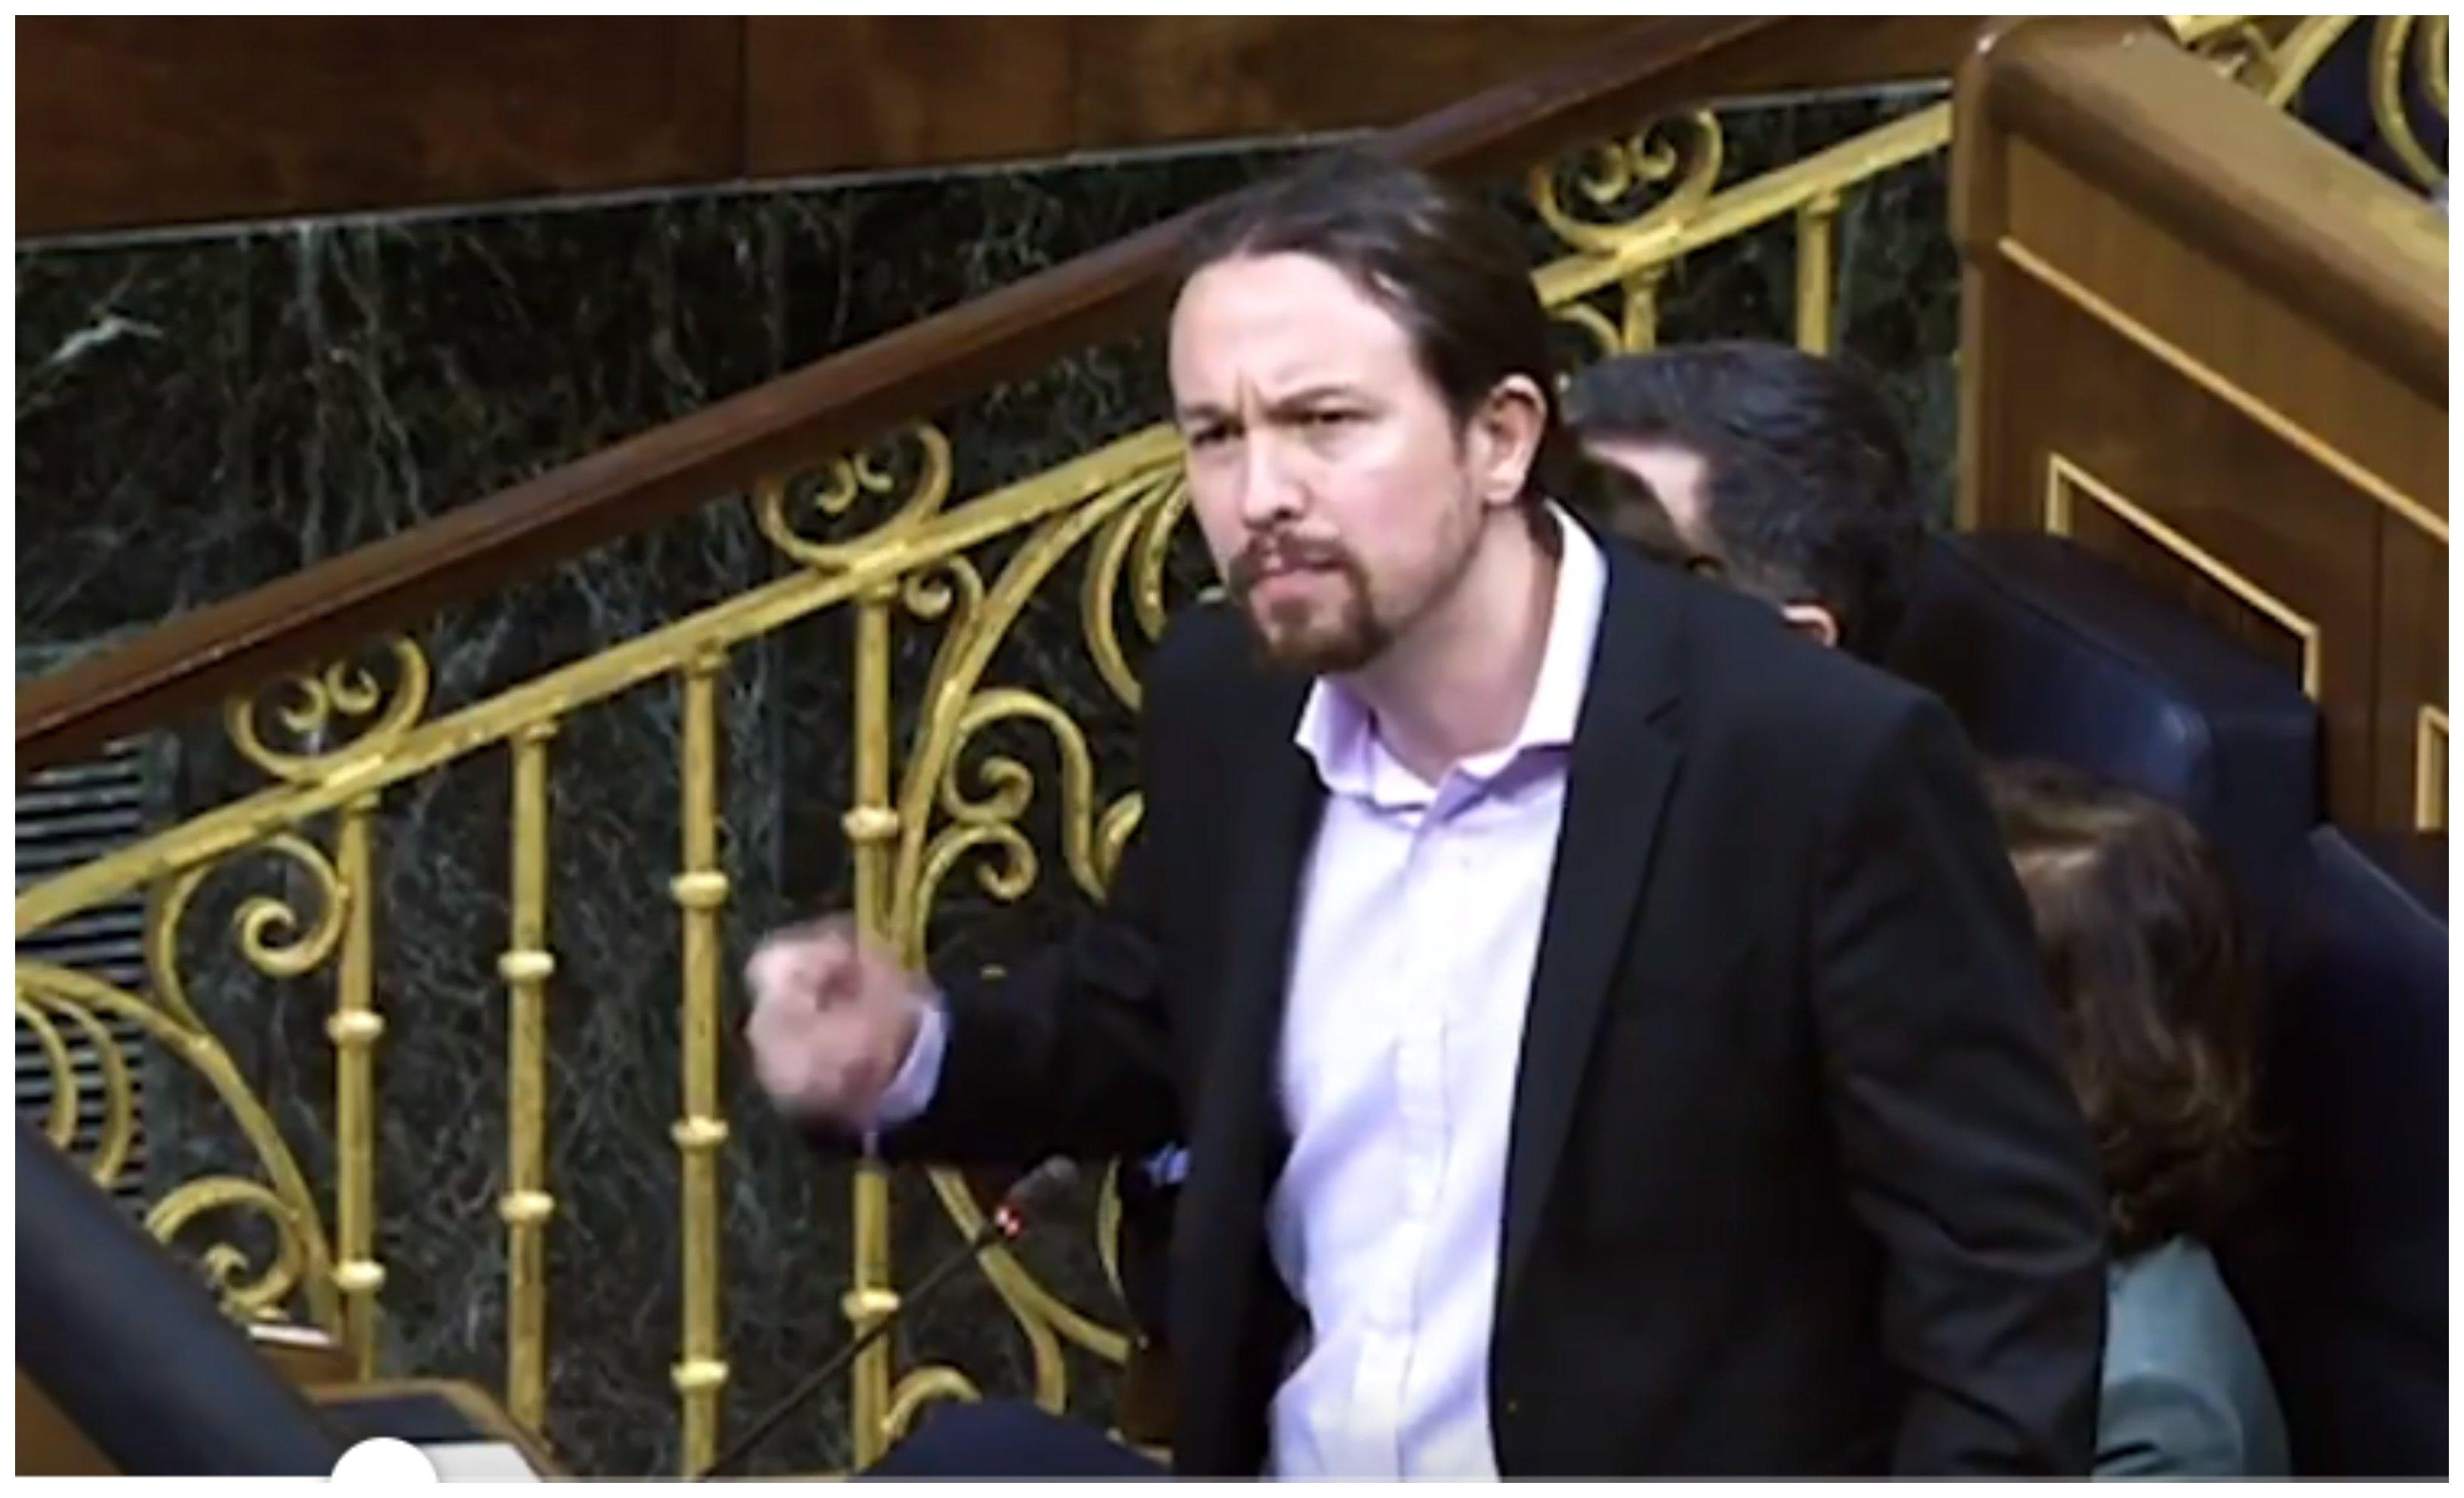 Se conocía la noticia de la muerte de Fernando Morán cuando Pablo Iglesias aprovechaba su último turno para calificar a la diputada Mireia Borrás llamándole repugnante y fascista